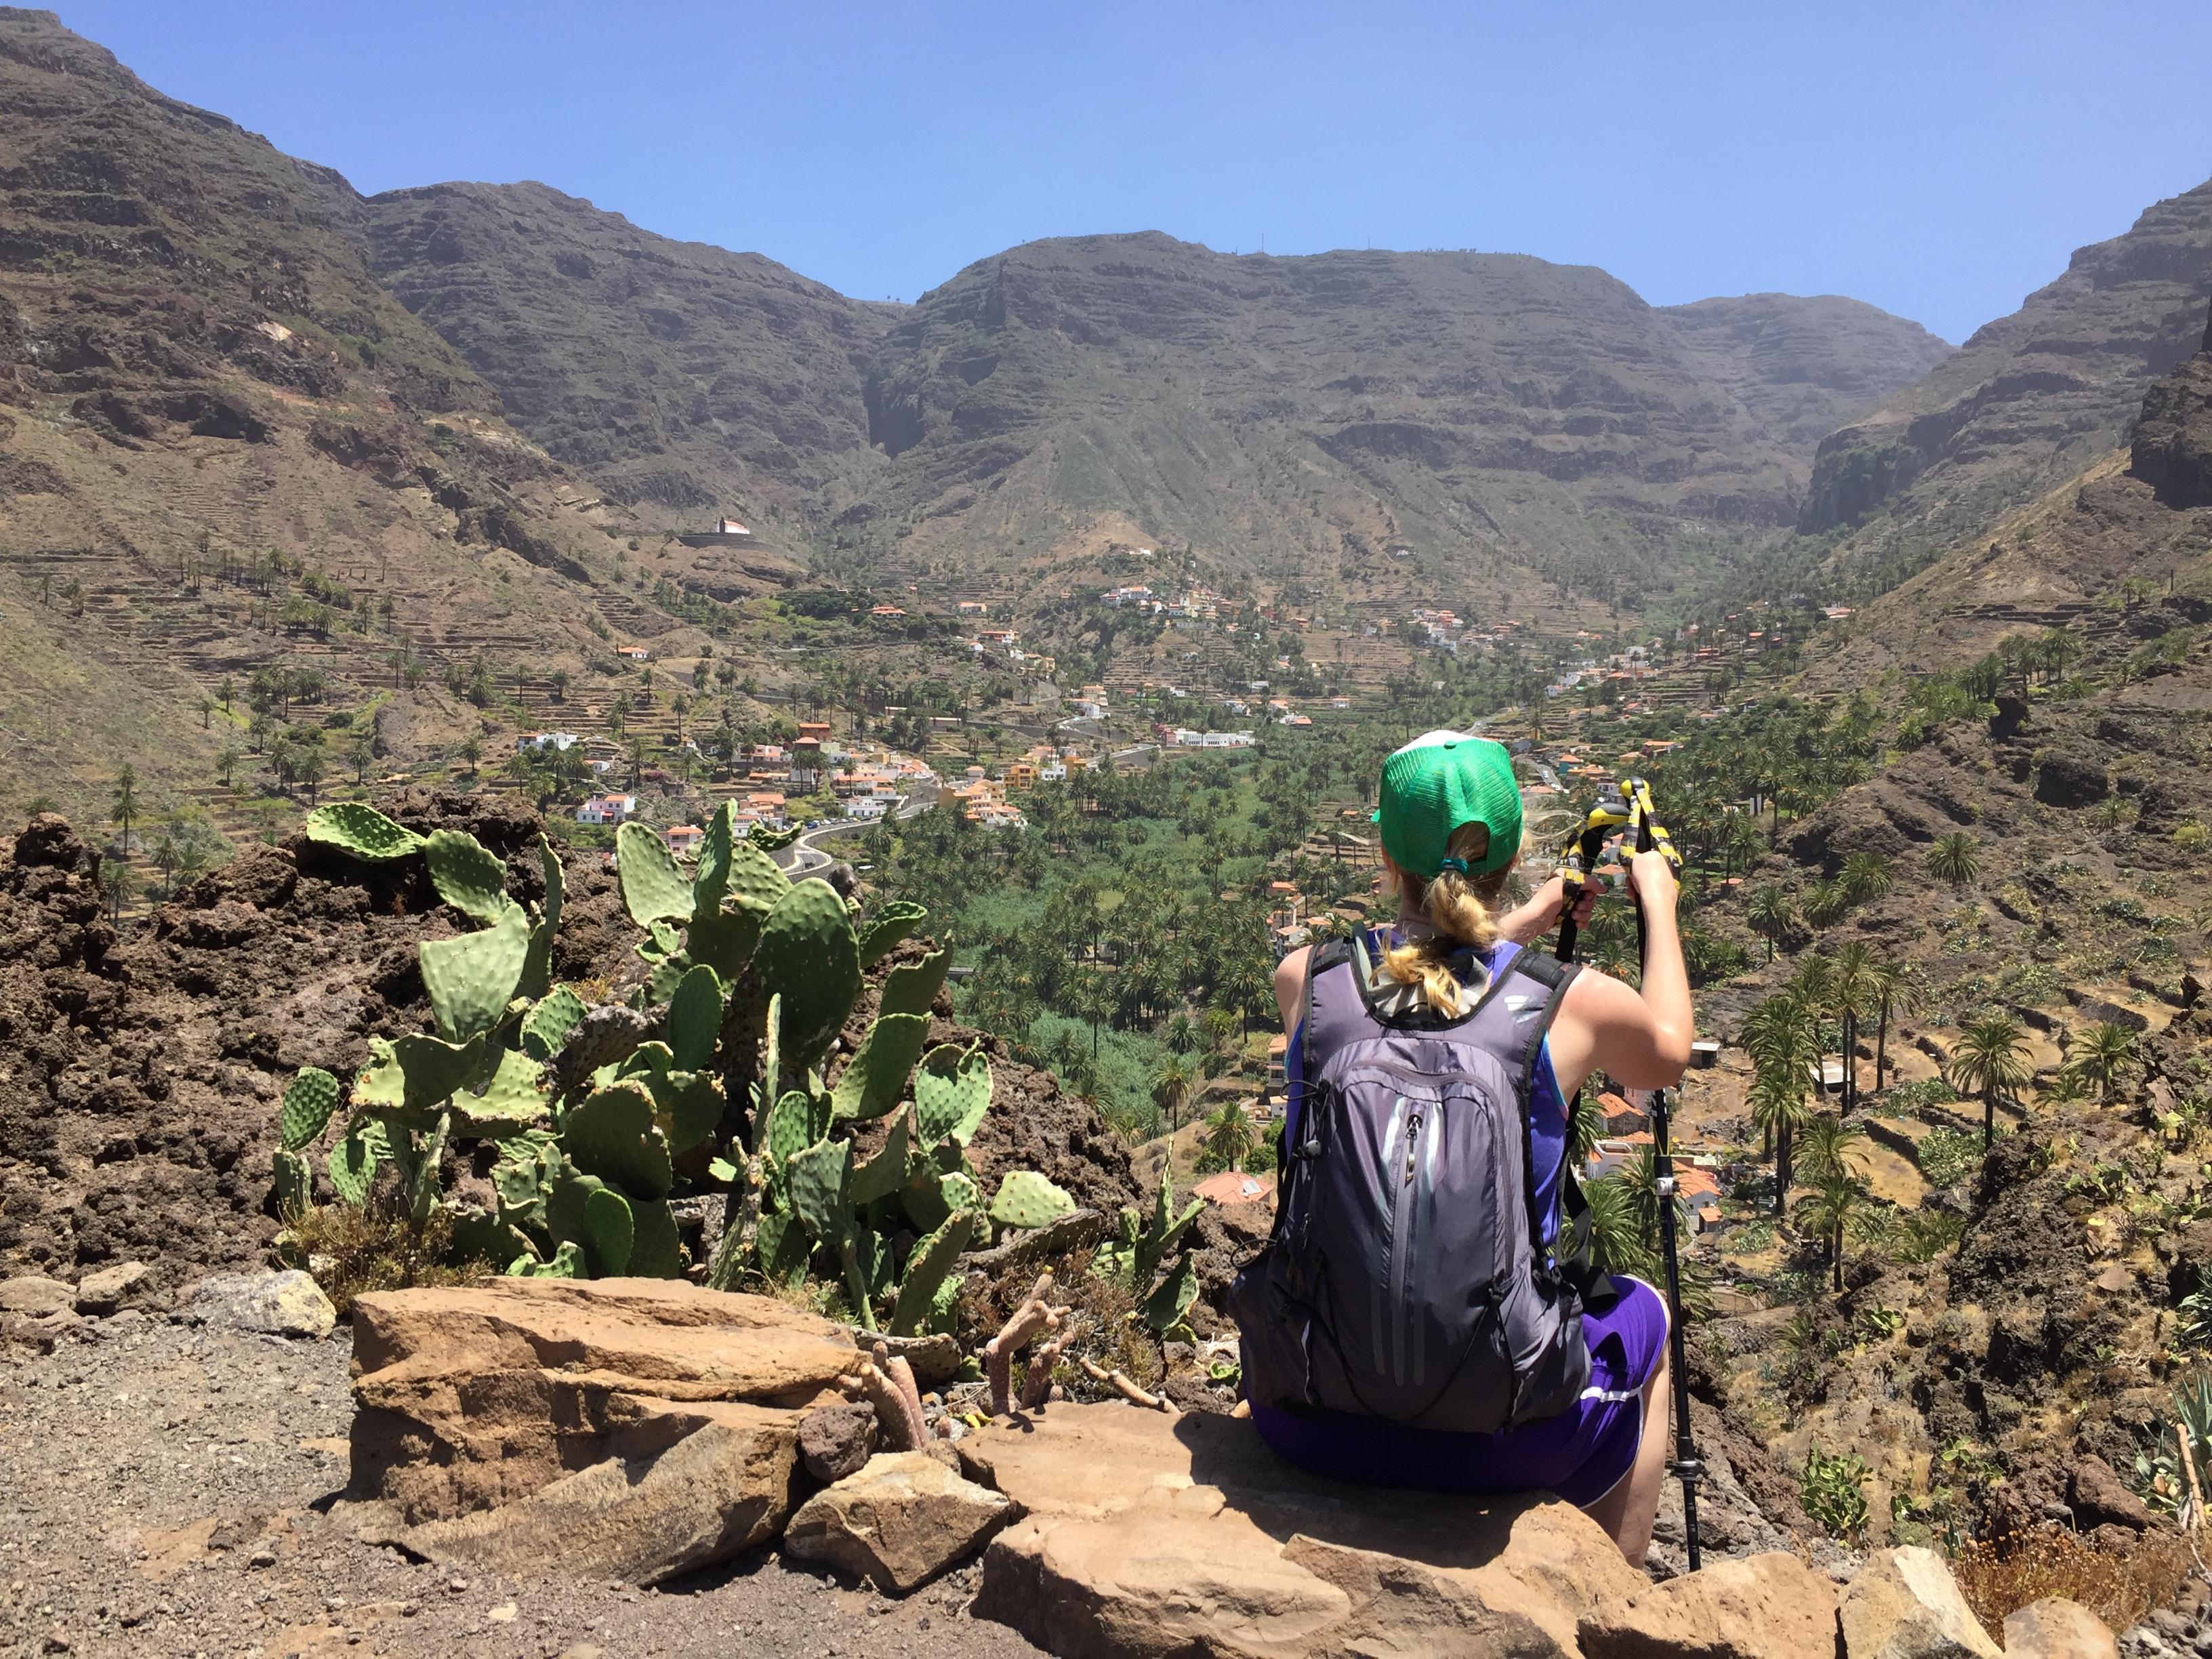 Kurze Pause mit tollem Ausblick auf das Valle Gran Rey